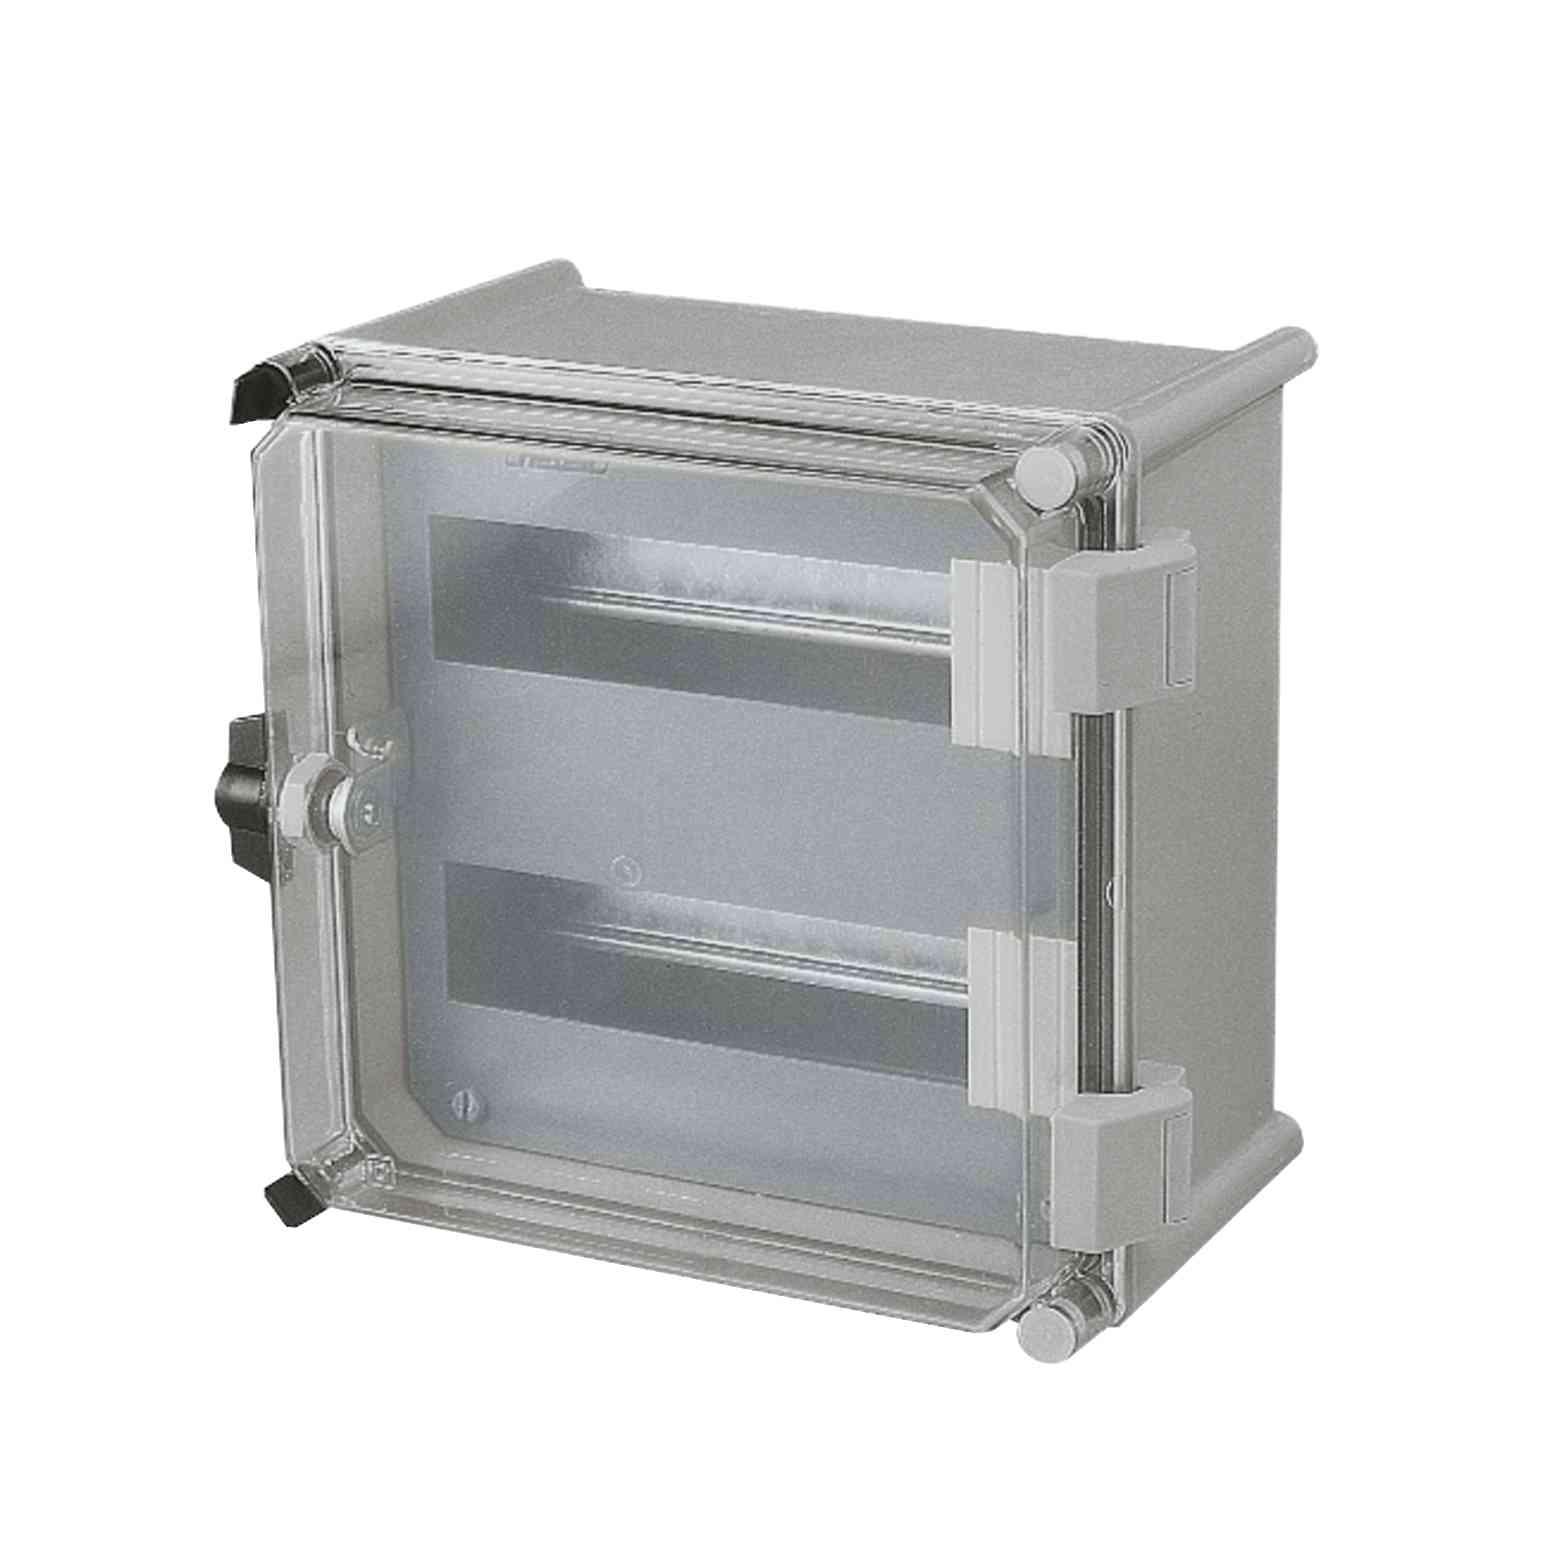 Modularna šasija za distribucijo s 36 moduli (18 mm) za omaro PLS 36 x 27 cm